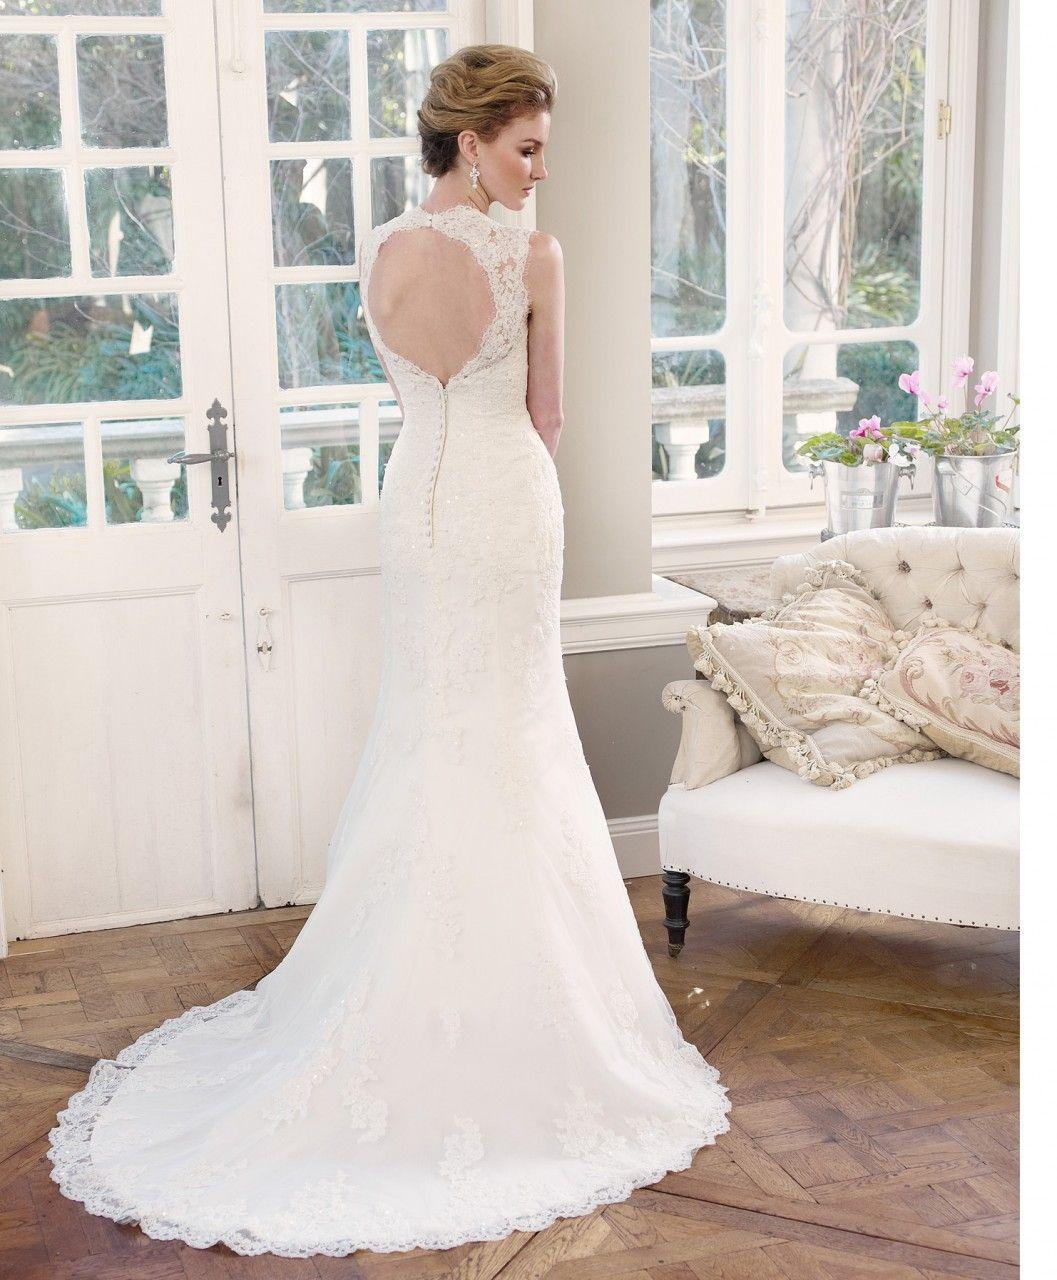 Luv bridal mz lace wedding dress with key hole back